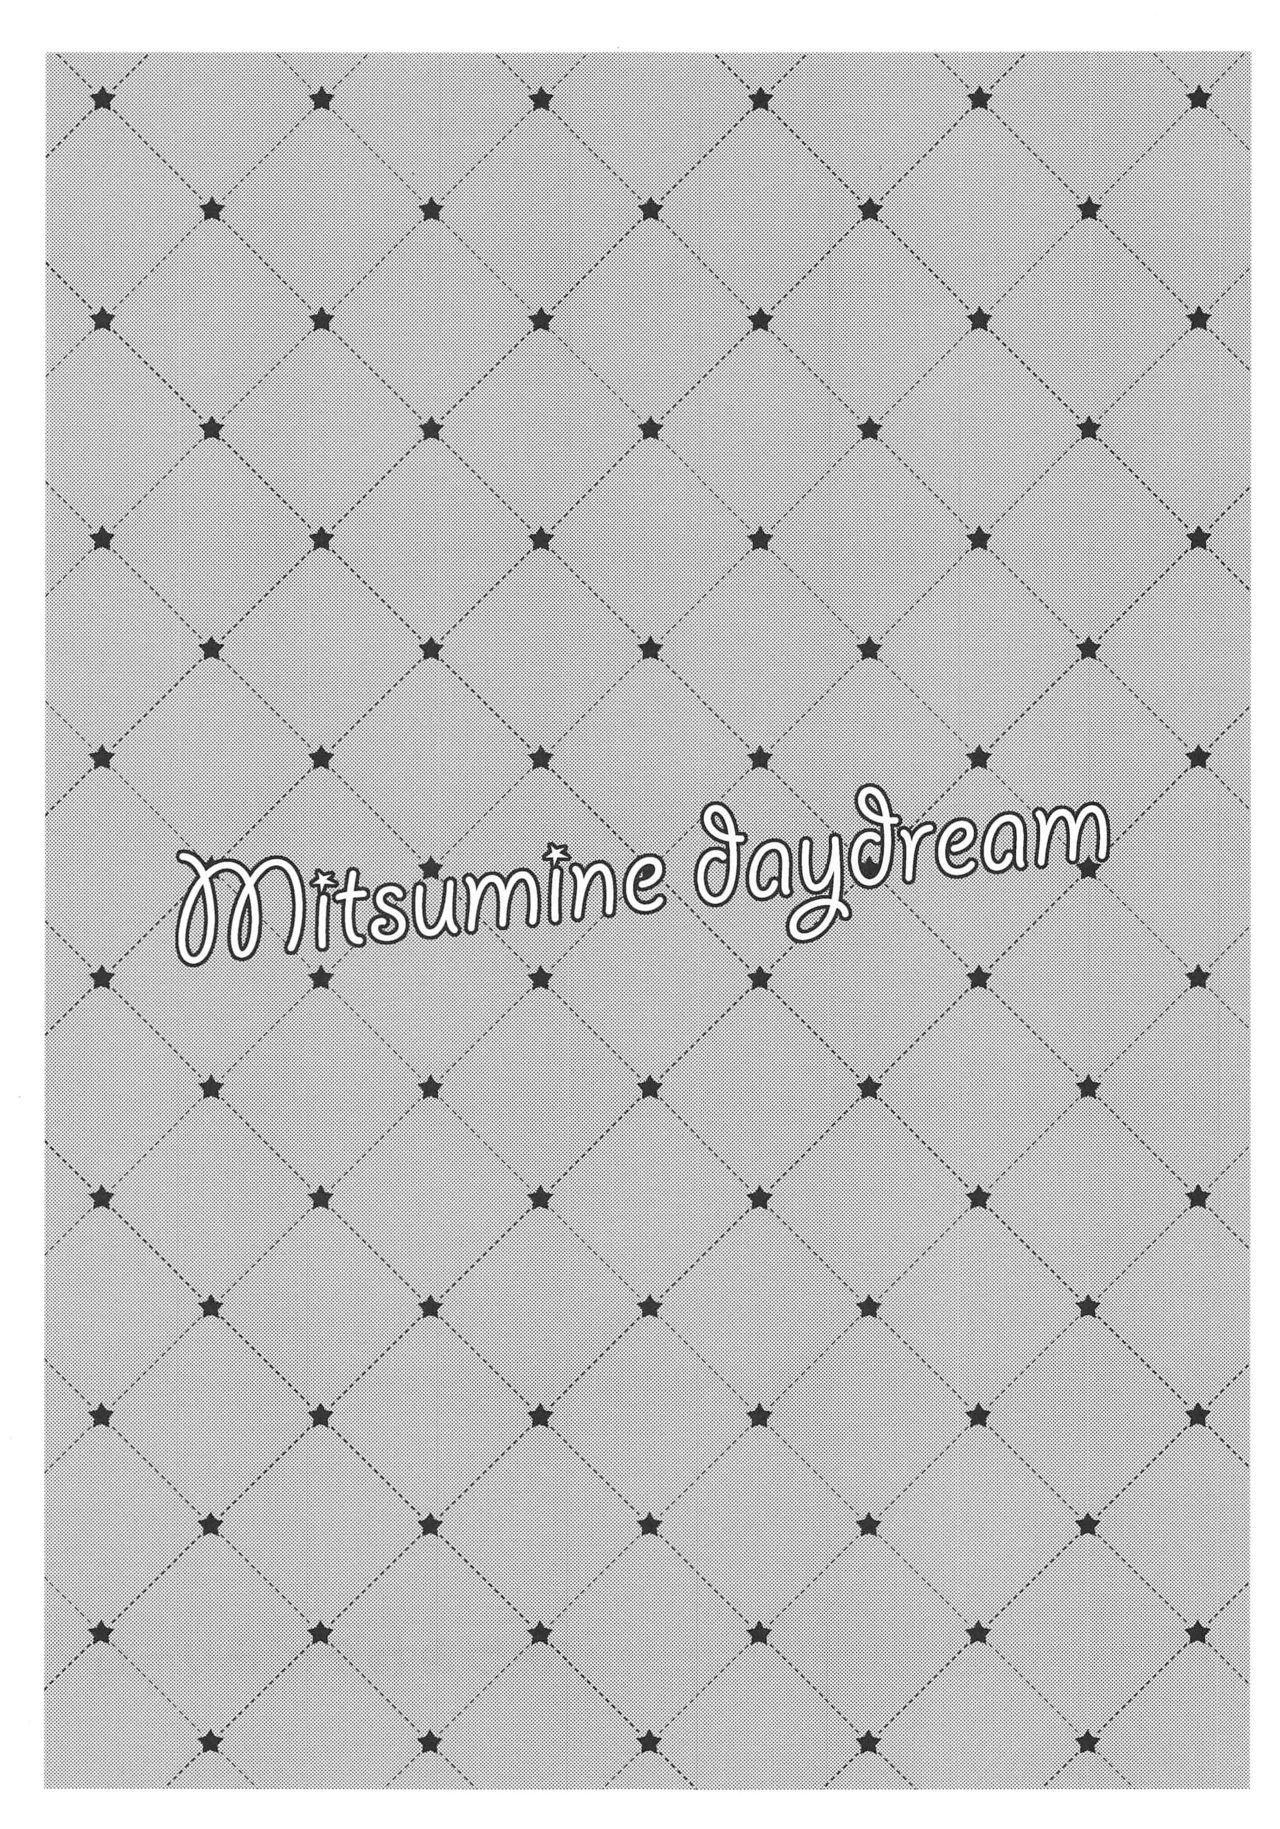 Mitsumine daydream 1